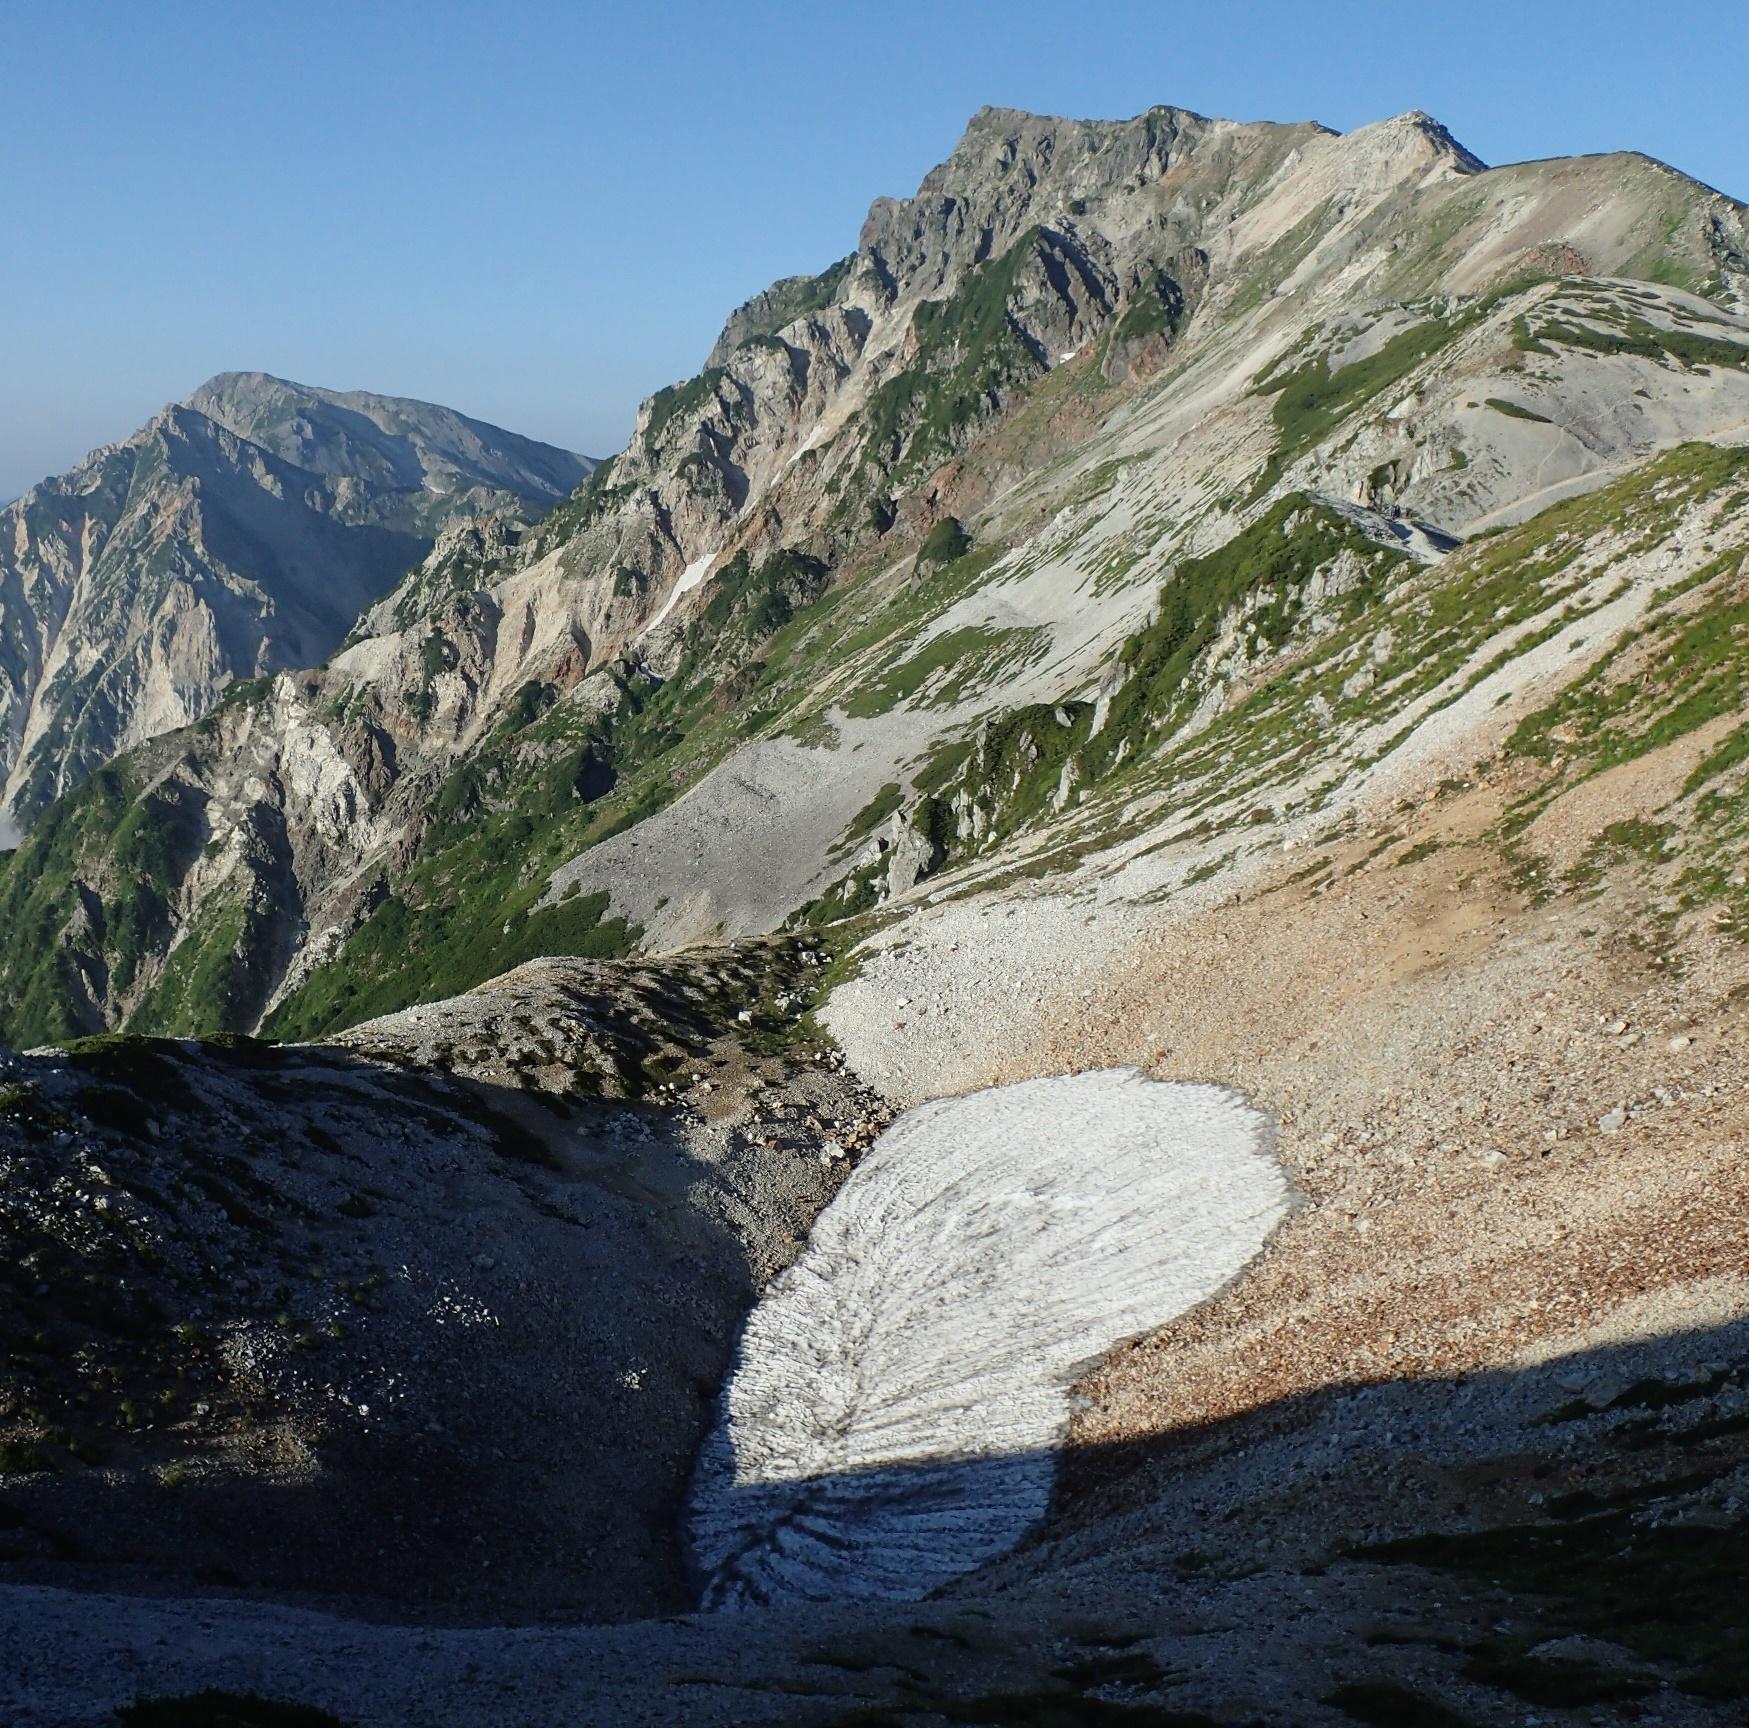 ゆっくり日本の名山<br>一度は登りたい、ダイナミックな稜線漫歩<br>ゆっくり白馬岳 3日間